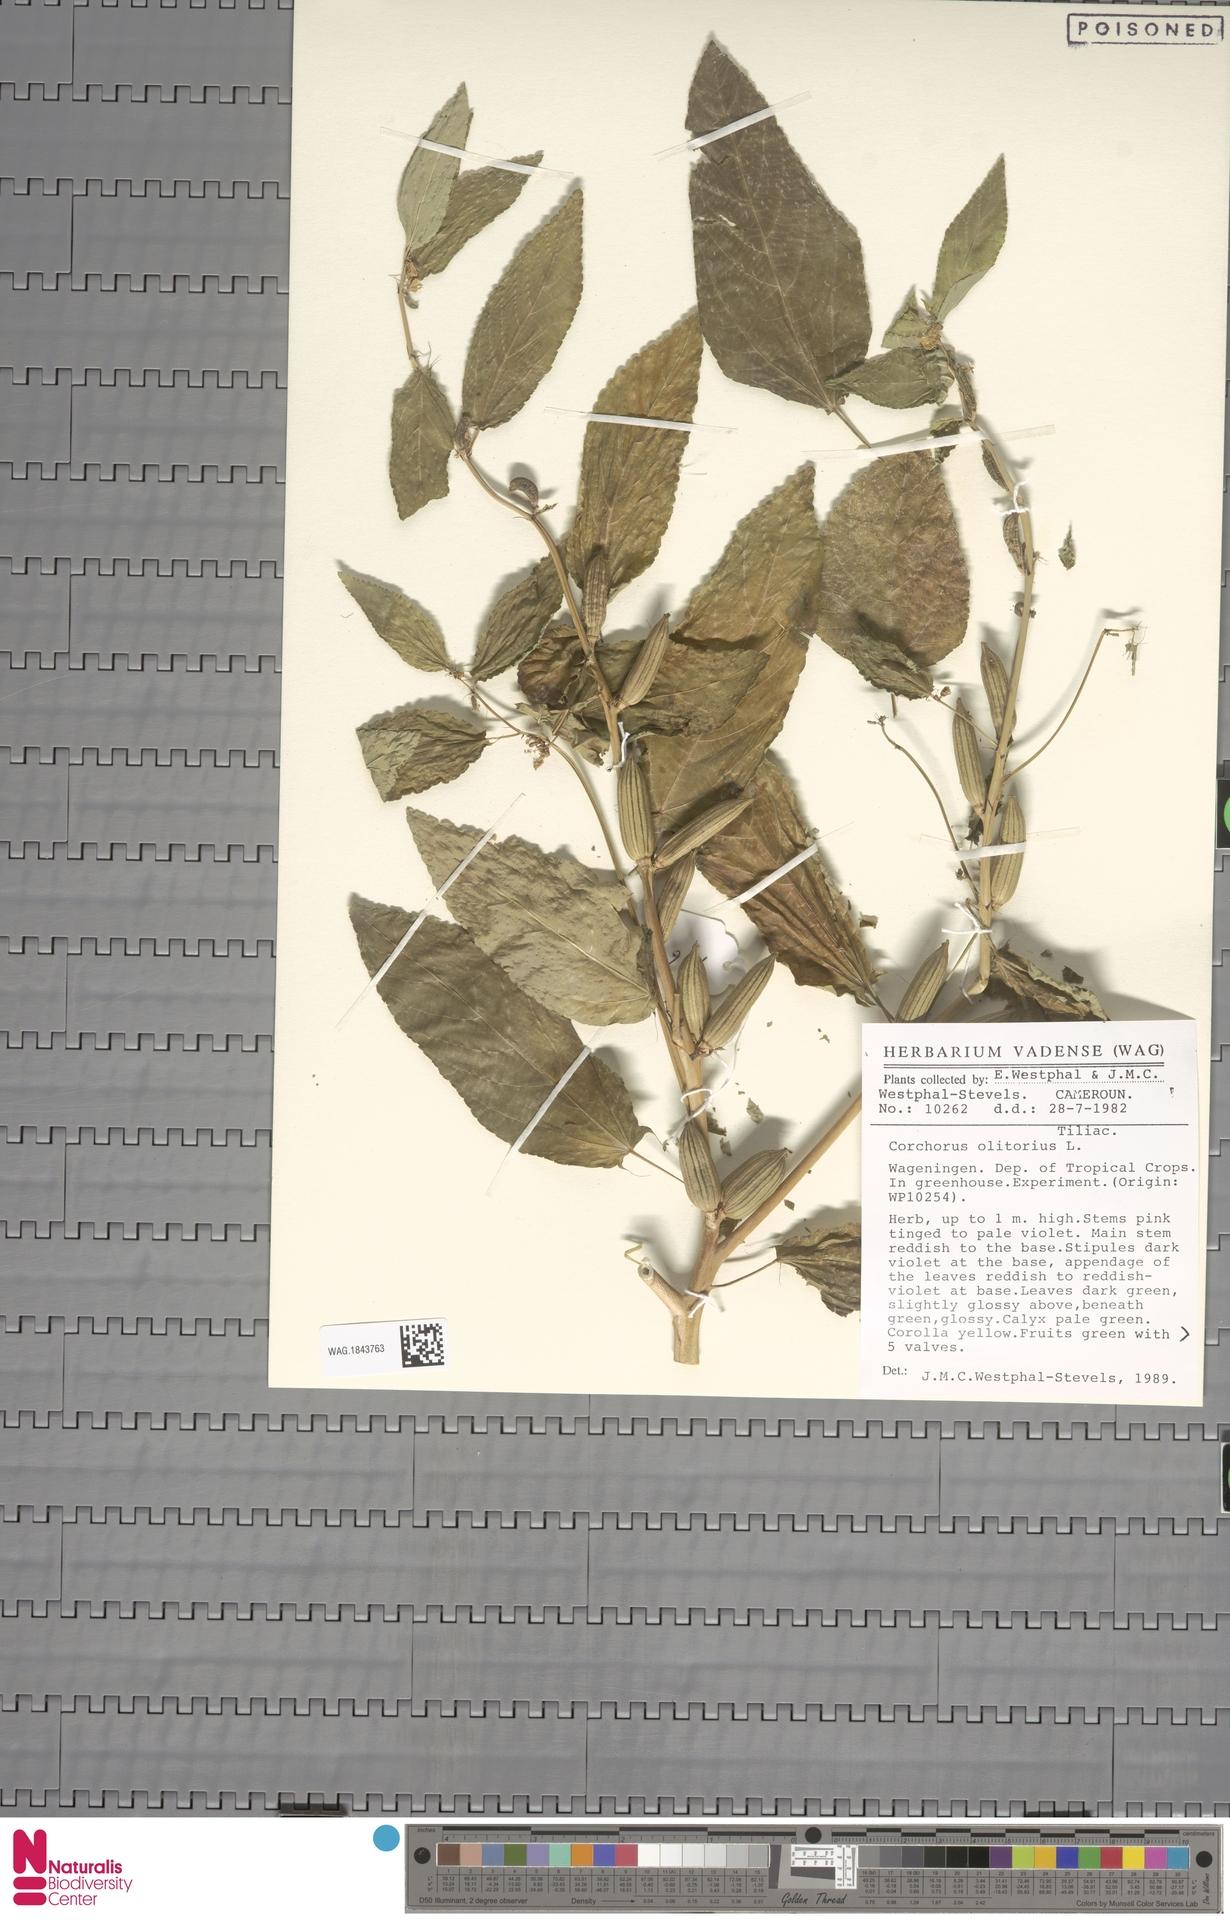 WAG.1843763 | Corchorus olitorius L.